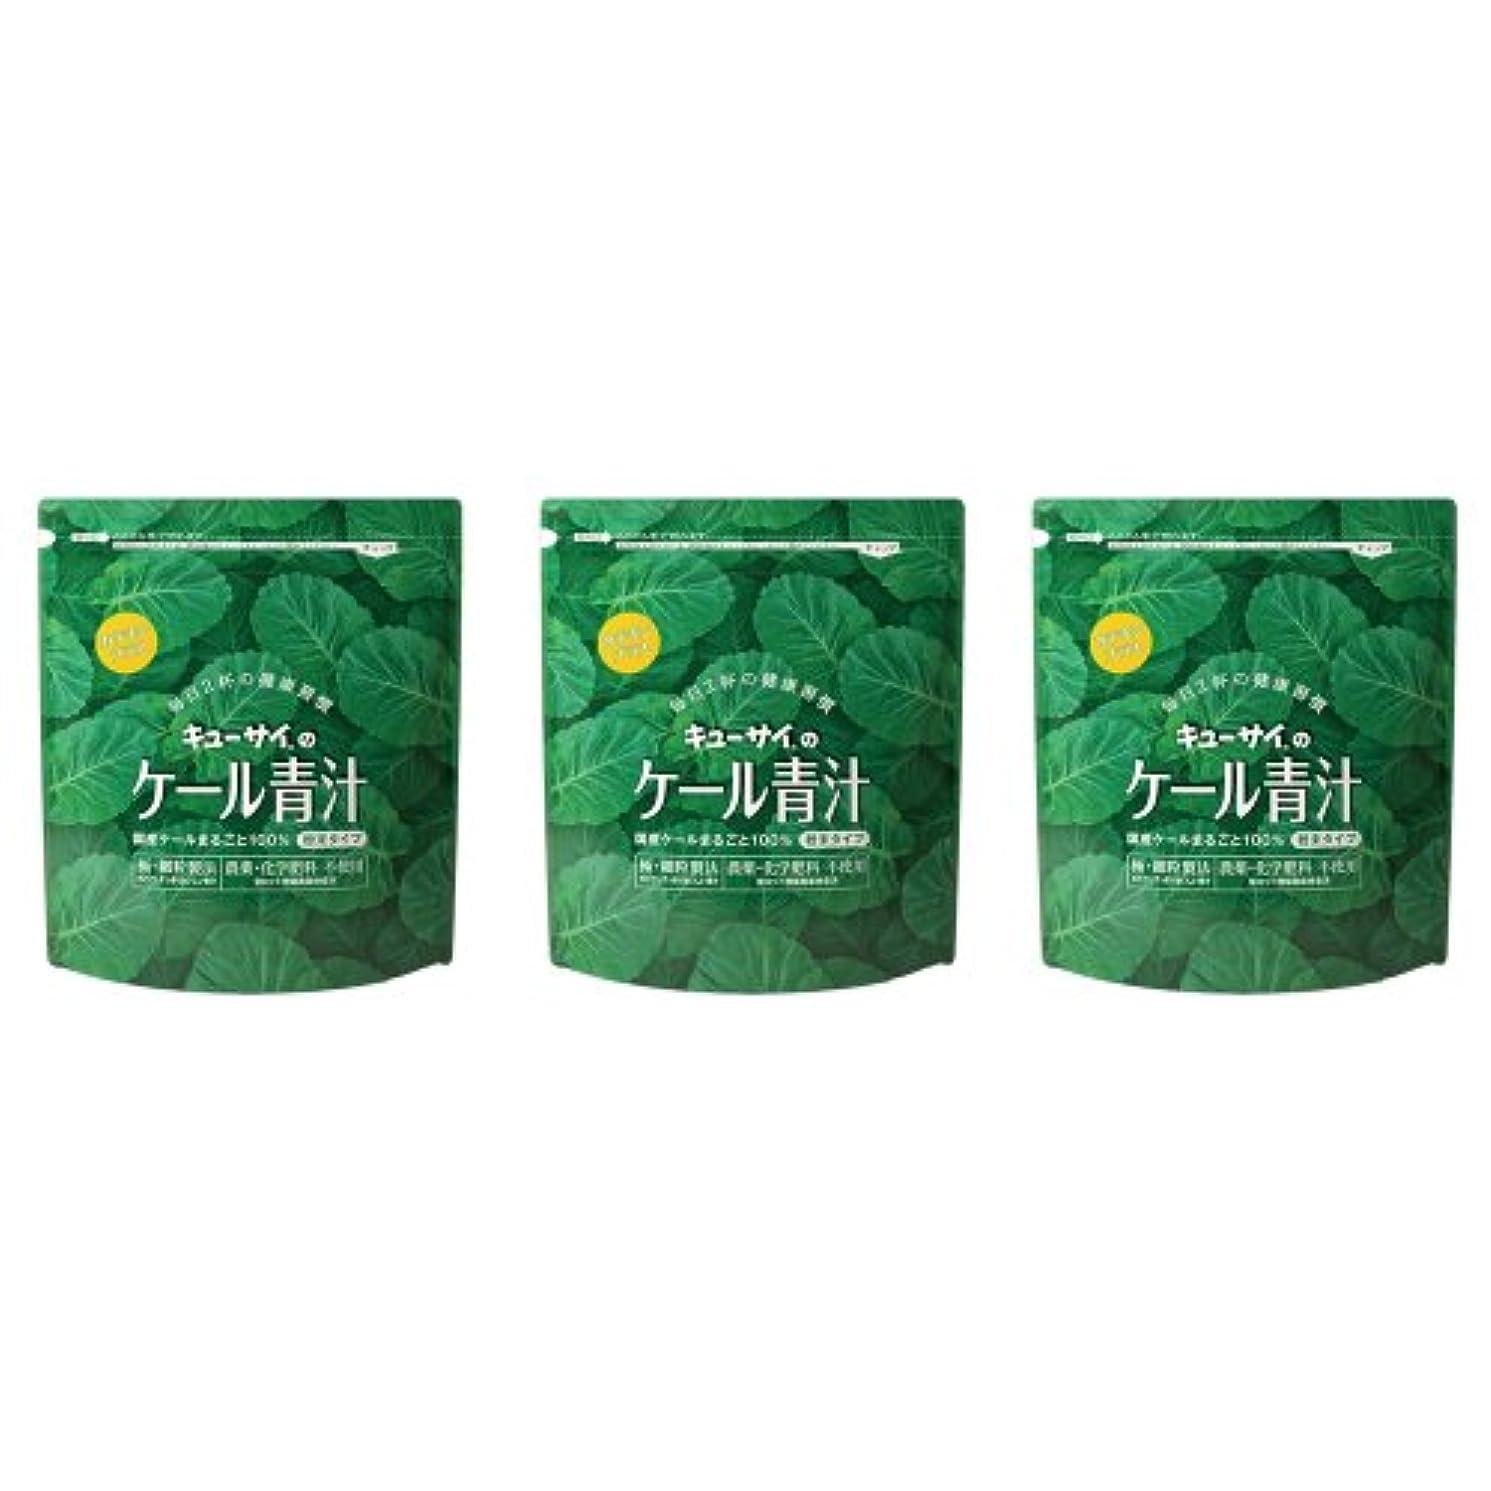 比較的苦難びっくりキューサイ ケール青汁(粉末タイプ)カテキンプラス 420g 3袋